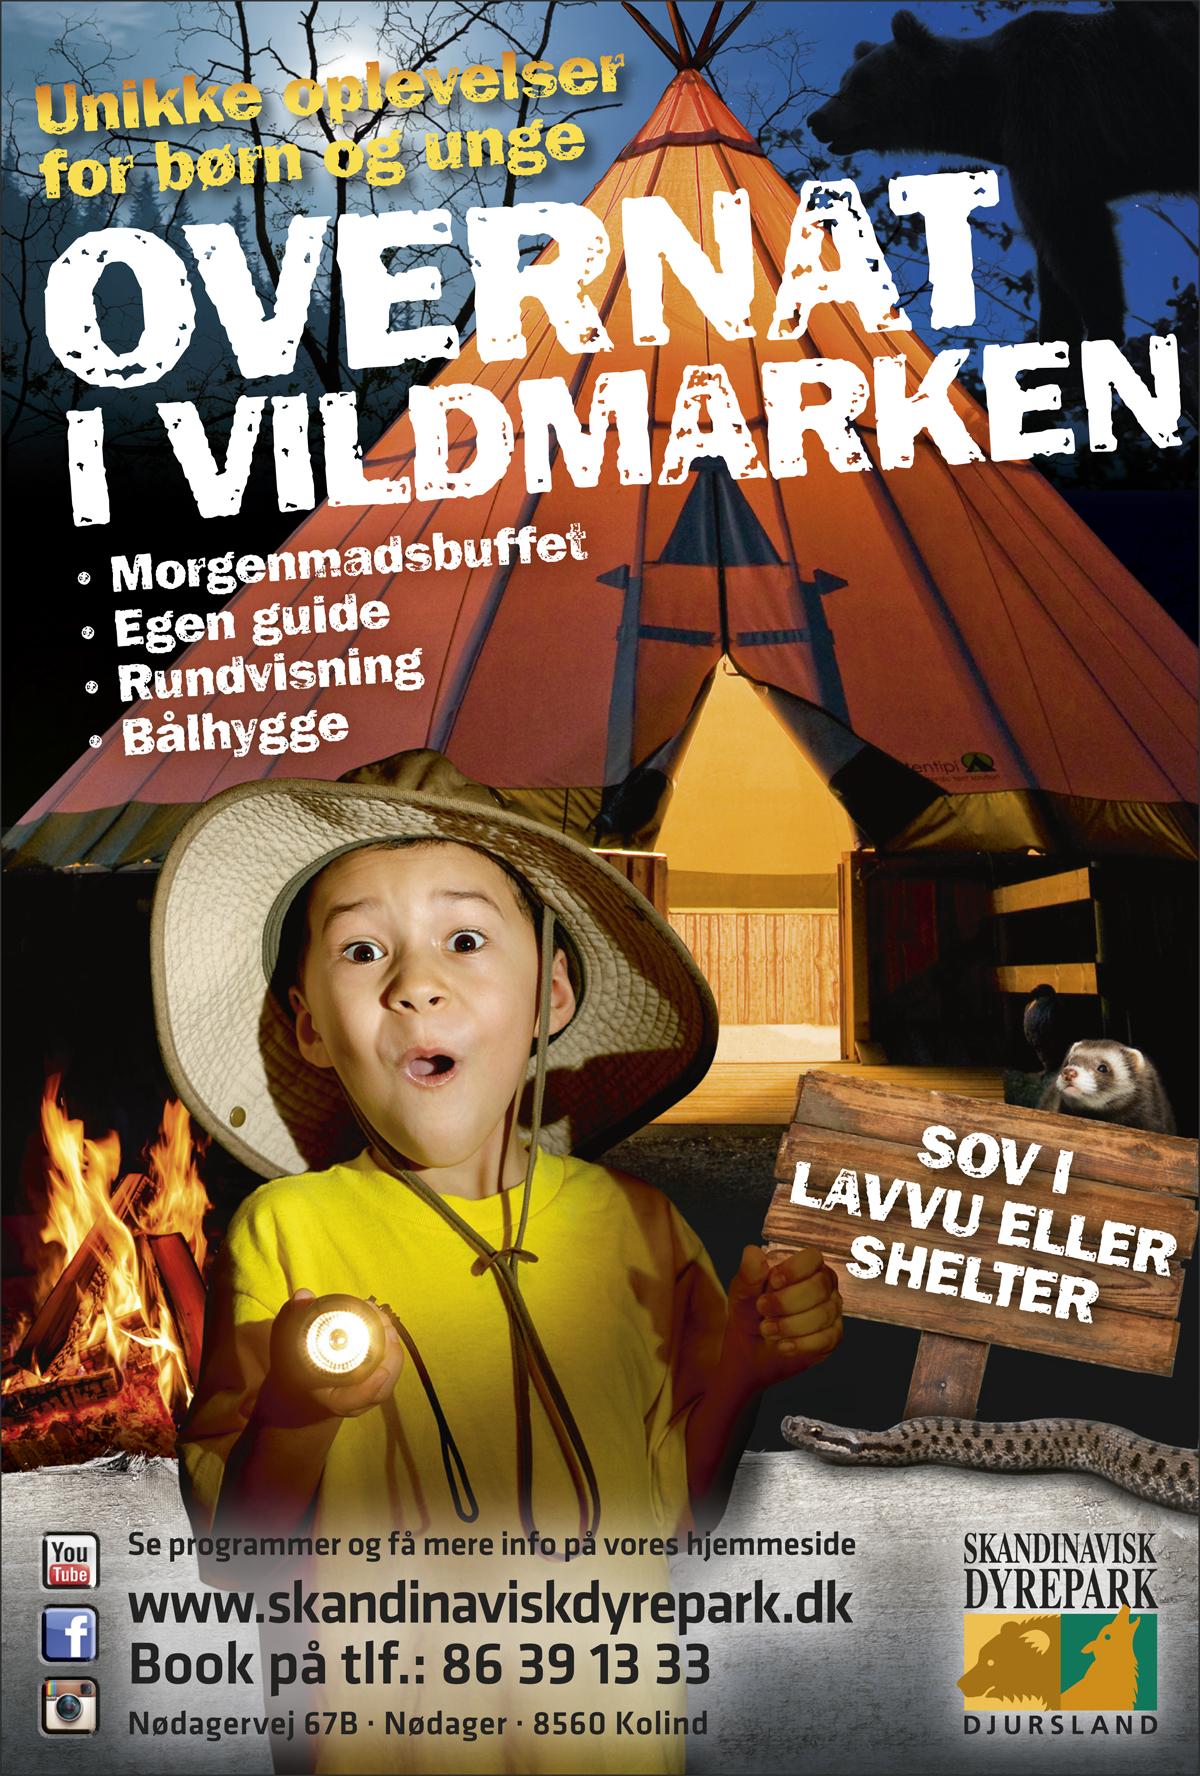 Skandinavisk-Dyrepark-2019